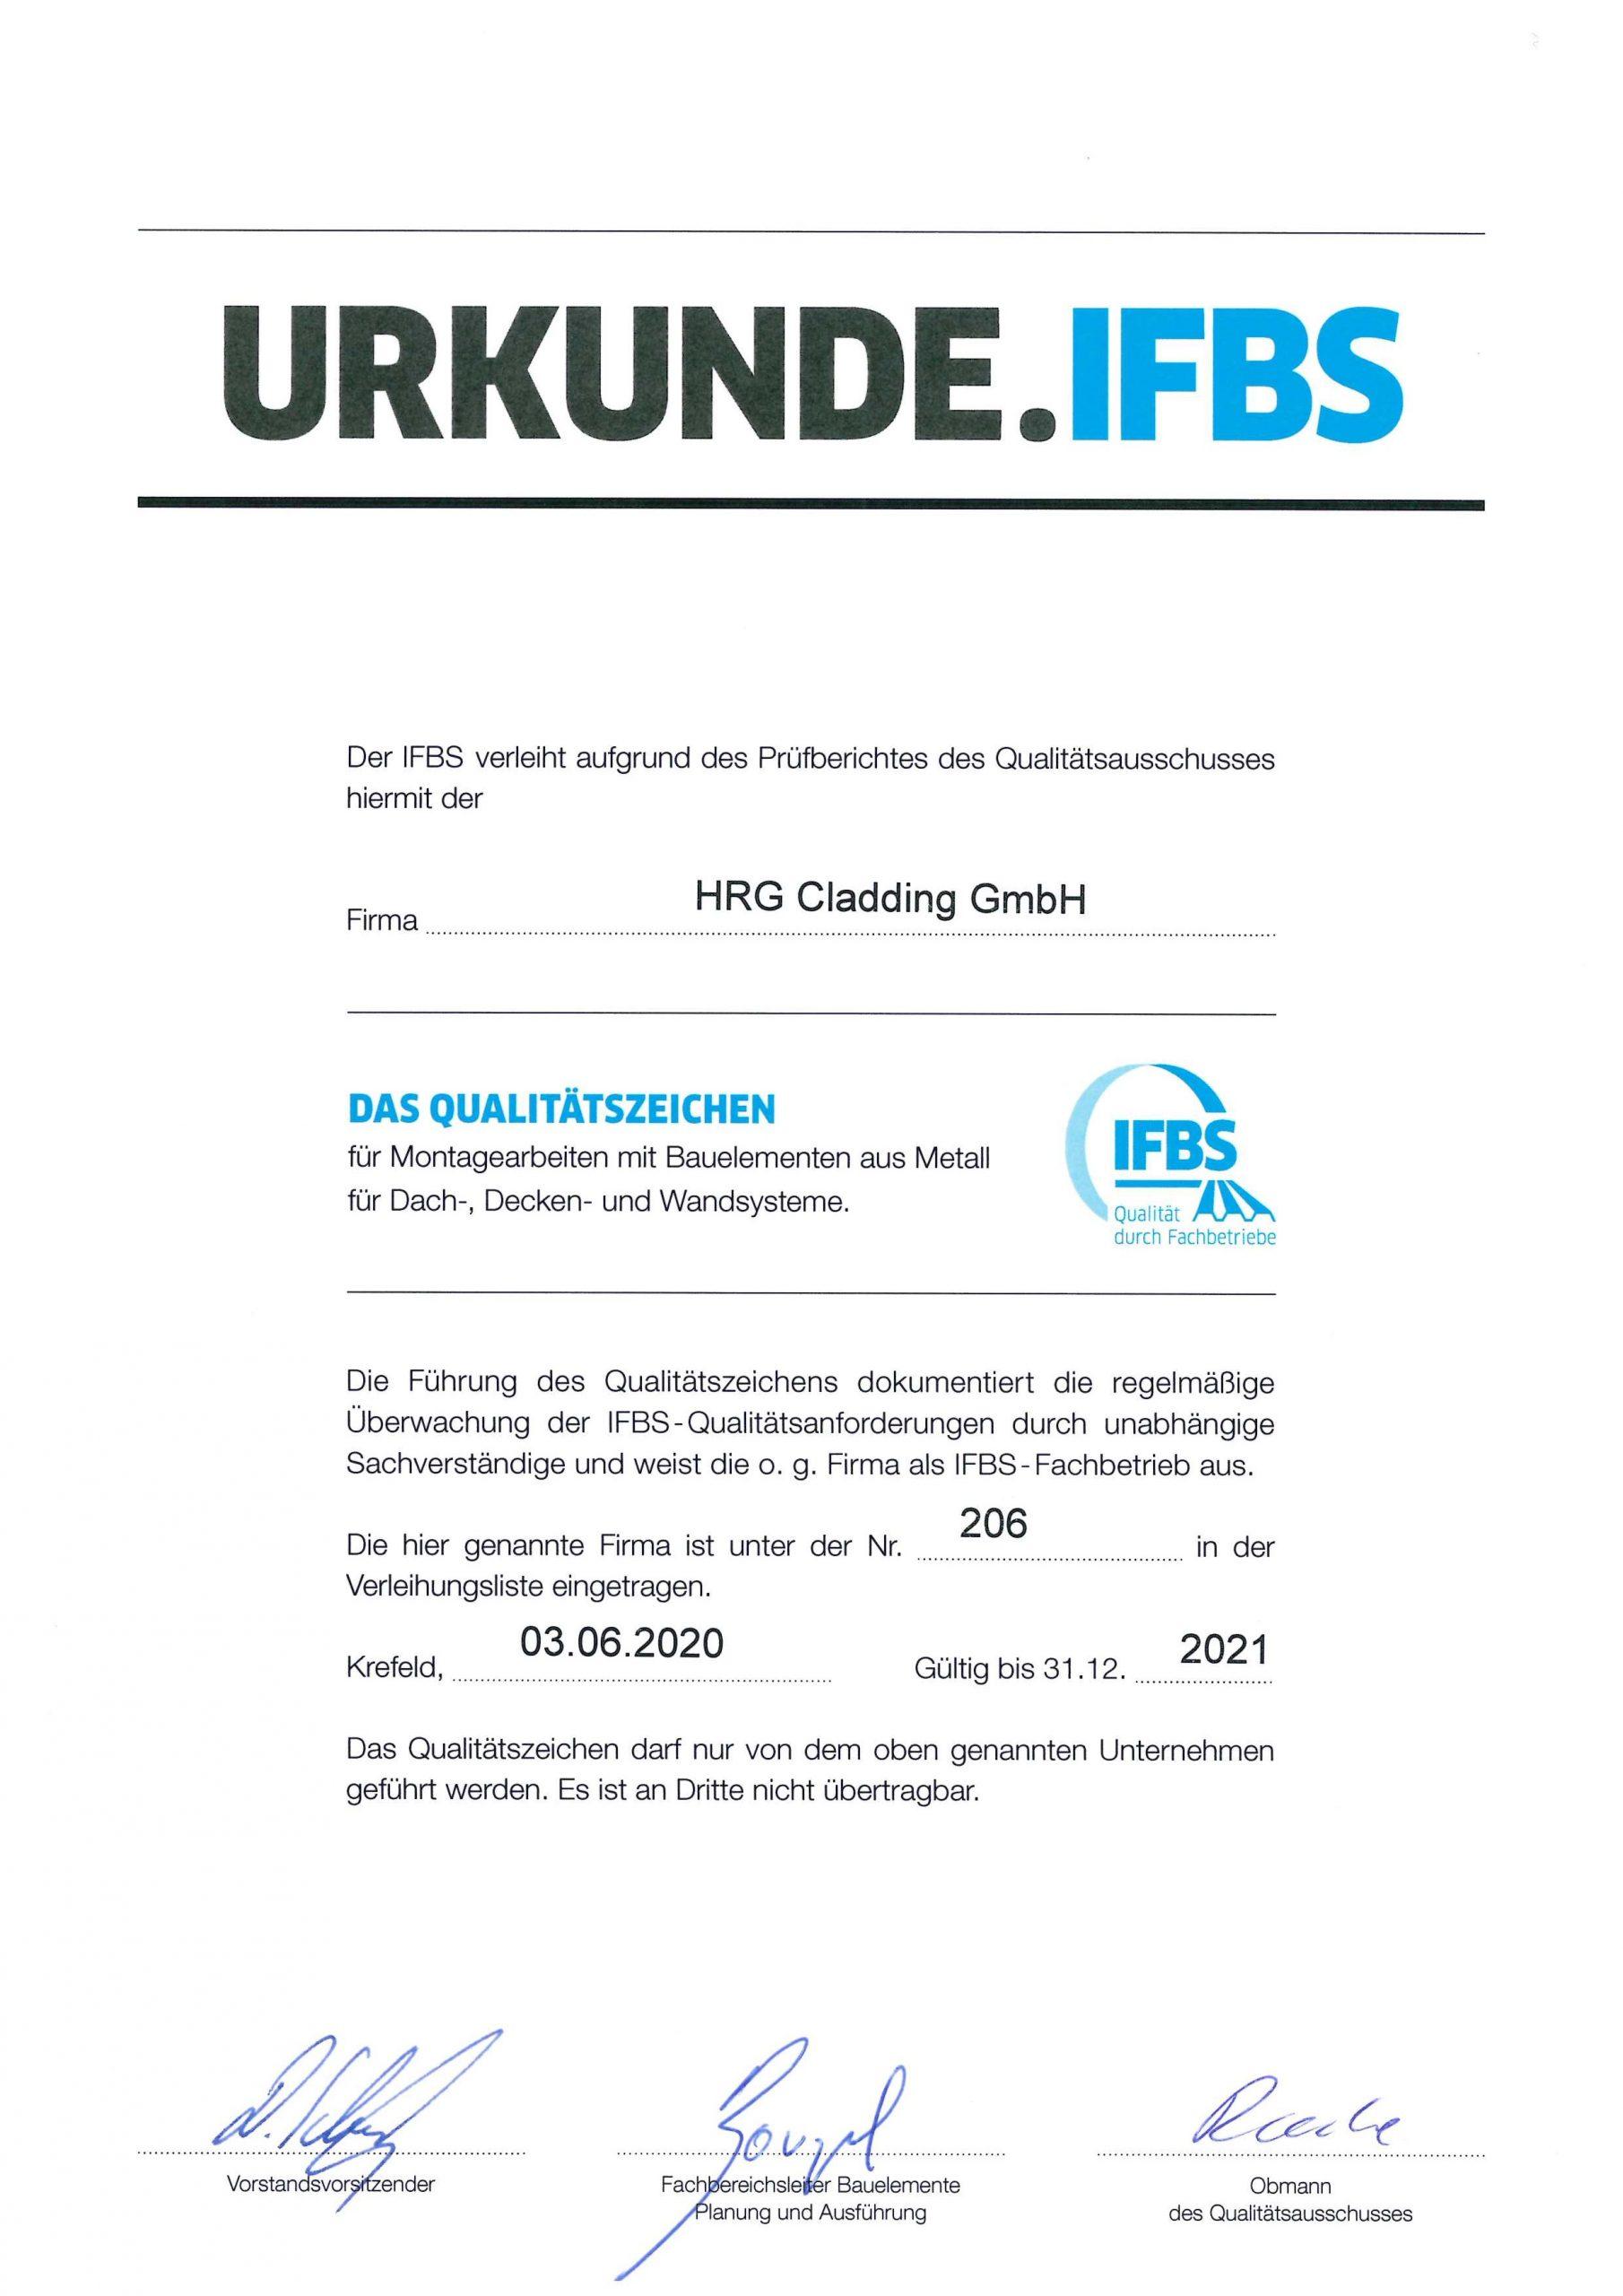 Urkunde IFBS